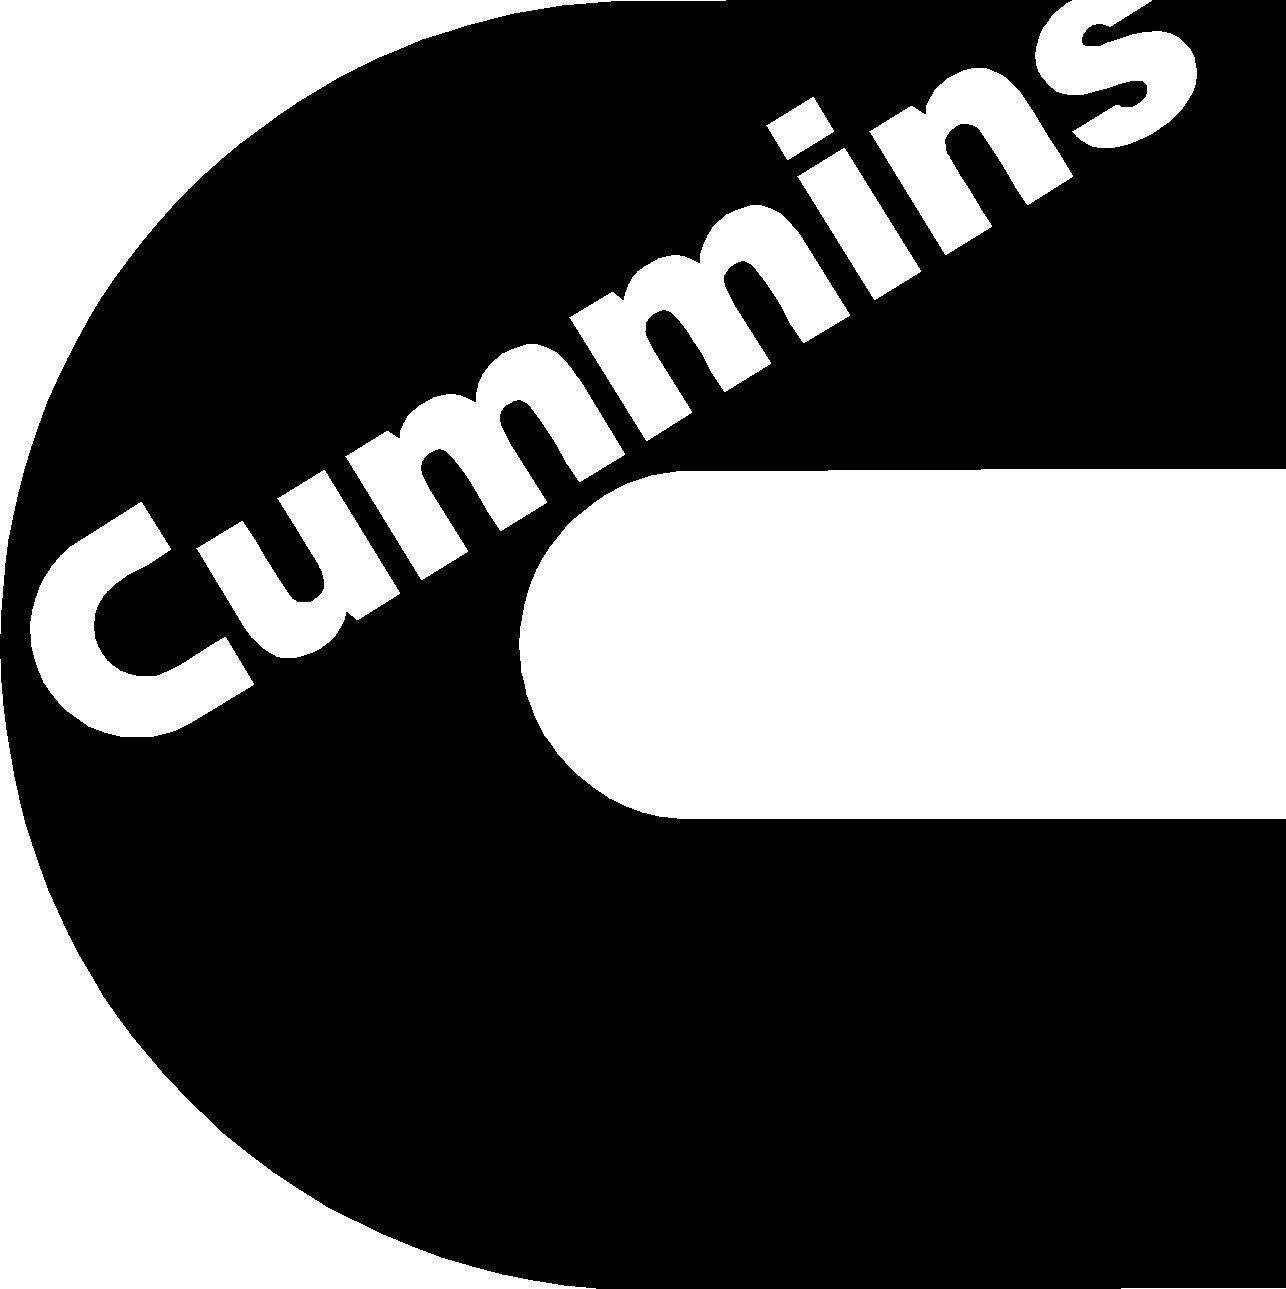 cummins diesel logo vinyl decal sticker